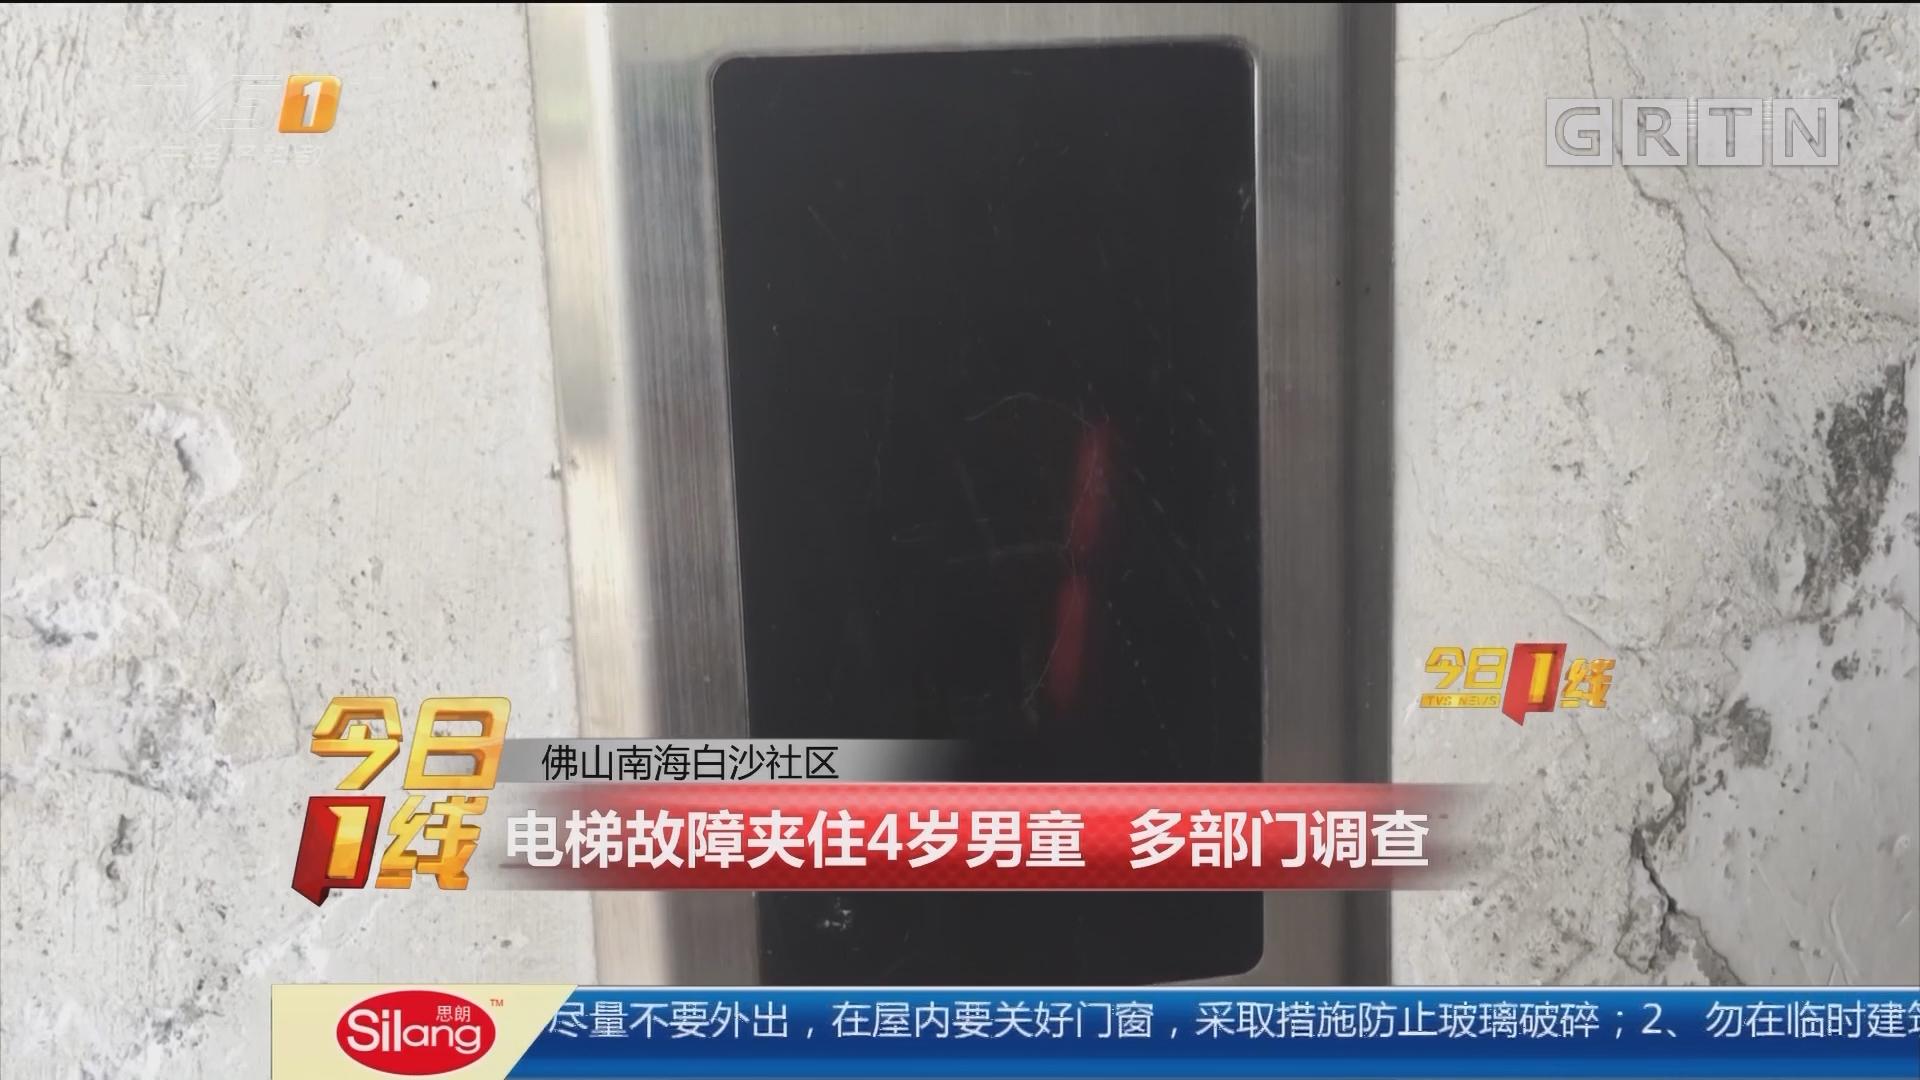 佛山南海白沙社区:电梯故障夹住4岁男童 多部门调查